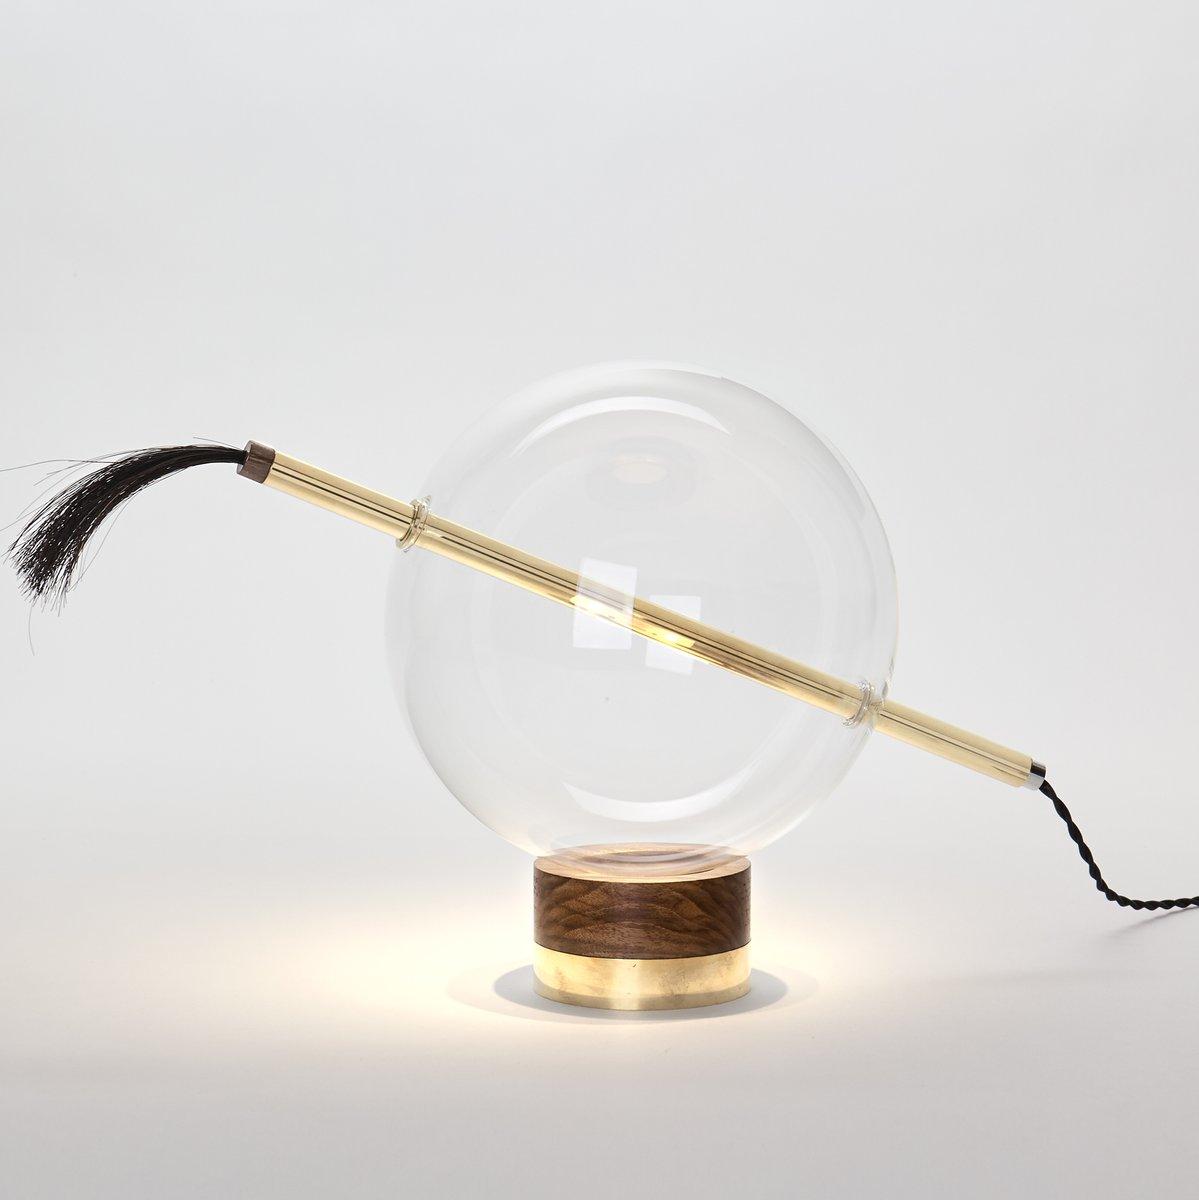 Globo Tischlampe aus poliertem Messing von Silvio Mondino Studio